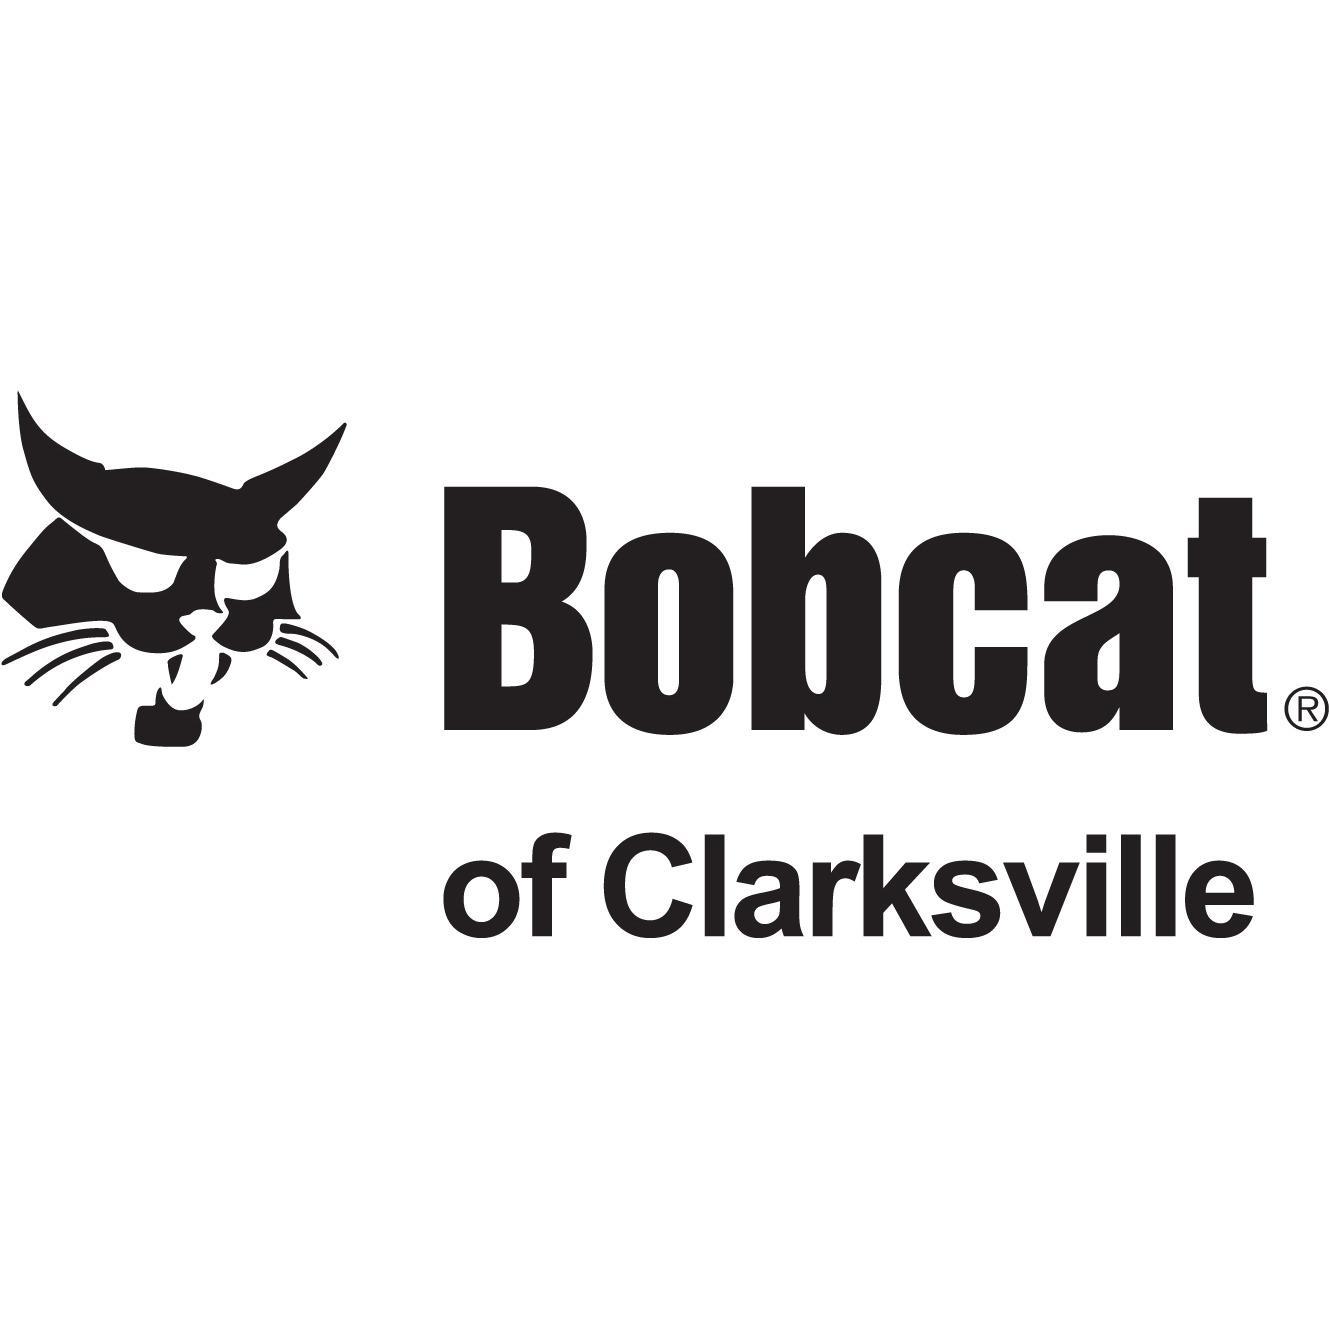 Bobcat of Clarksville - Clarksville, TN 37040 - (931)436-9555 | ShowMeLocal.com